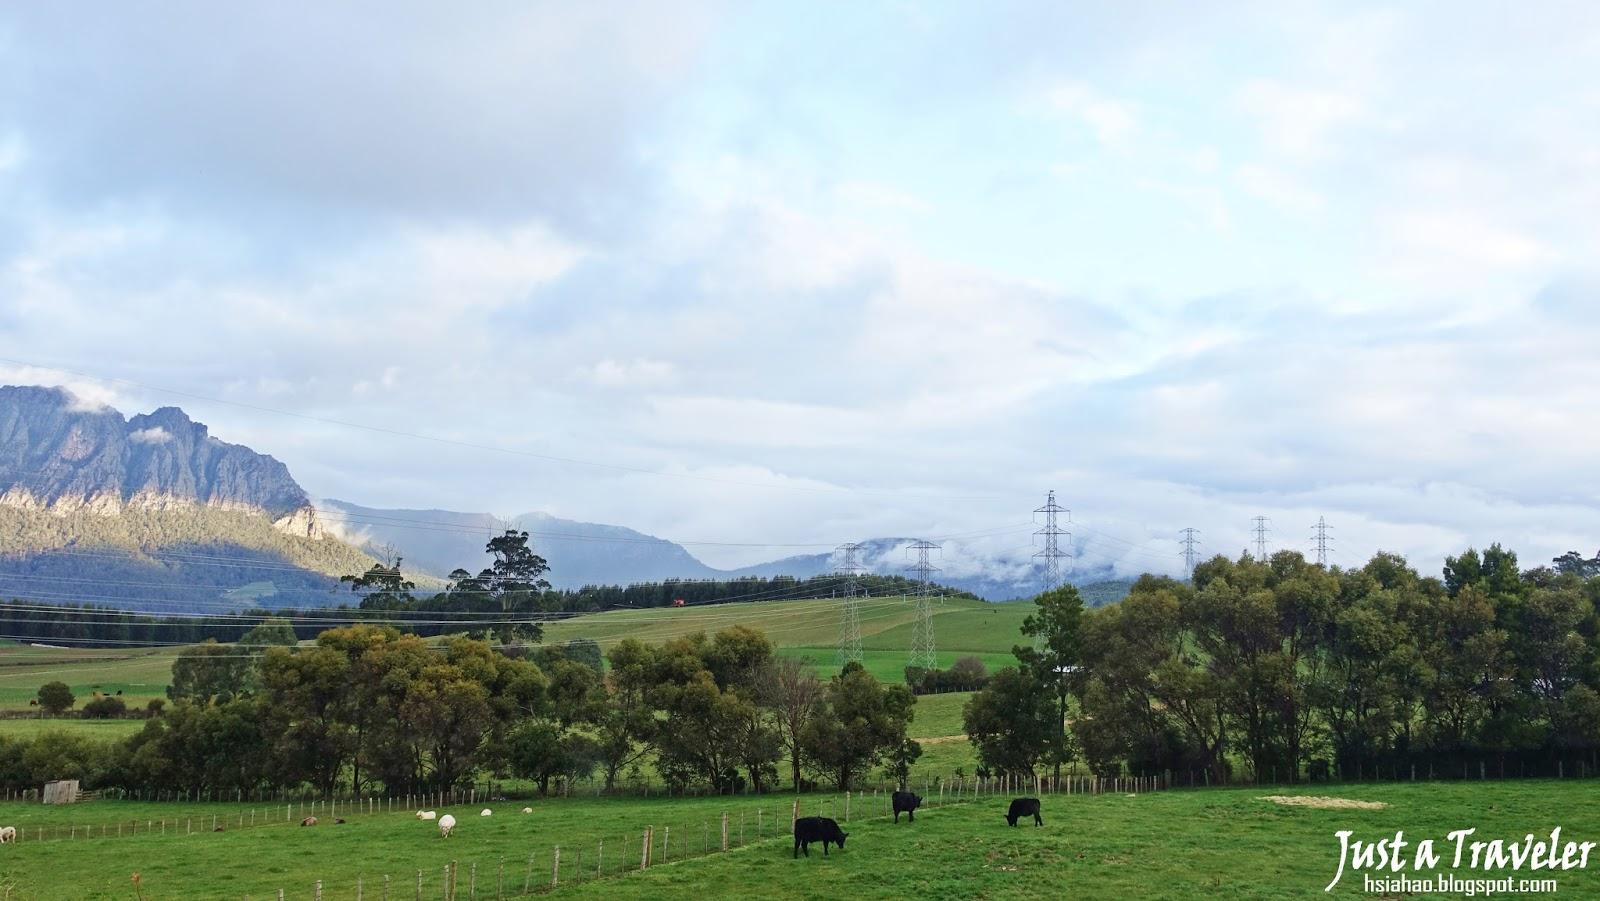 塔斯馬尼亞-住宿-推薦-Airbnb-Tasmania-Australia